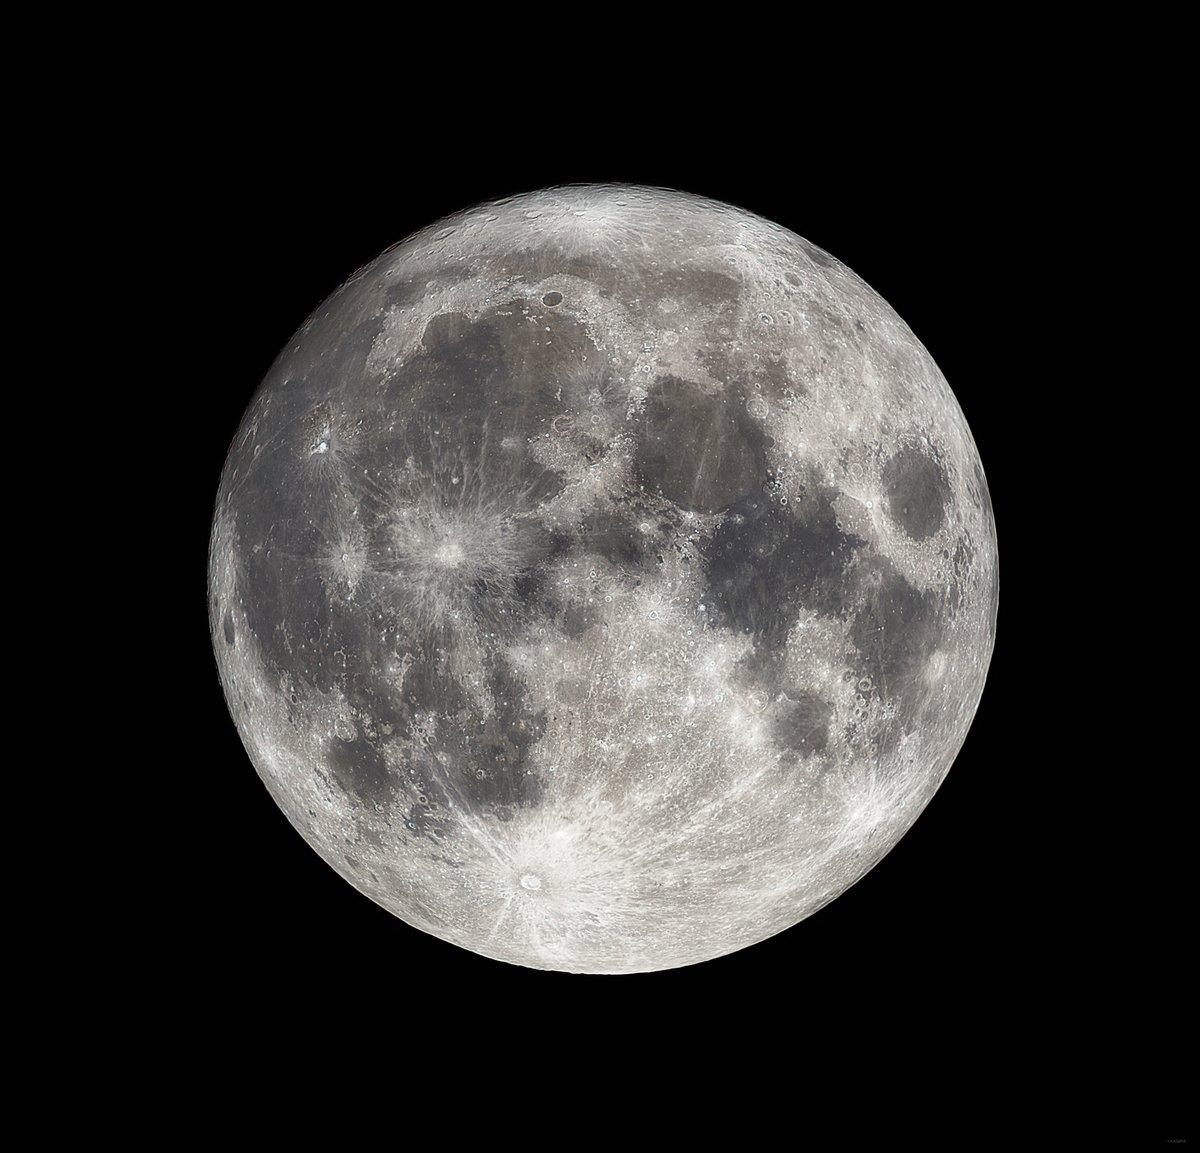 中秋の名月。 (さきほど望遠鏡を使って撮影) 今夜は一晩中この月の光が地上を照らします。 満月の瞬間は明日の早朝です。 今日もお疲れさまでした。